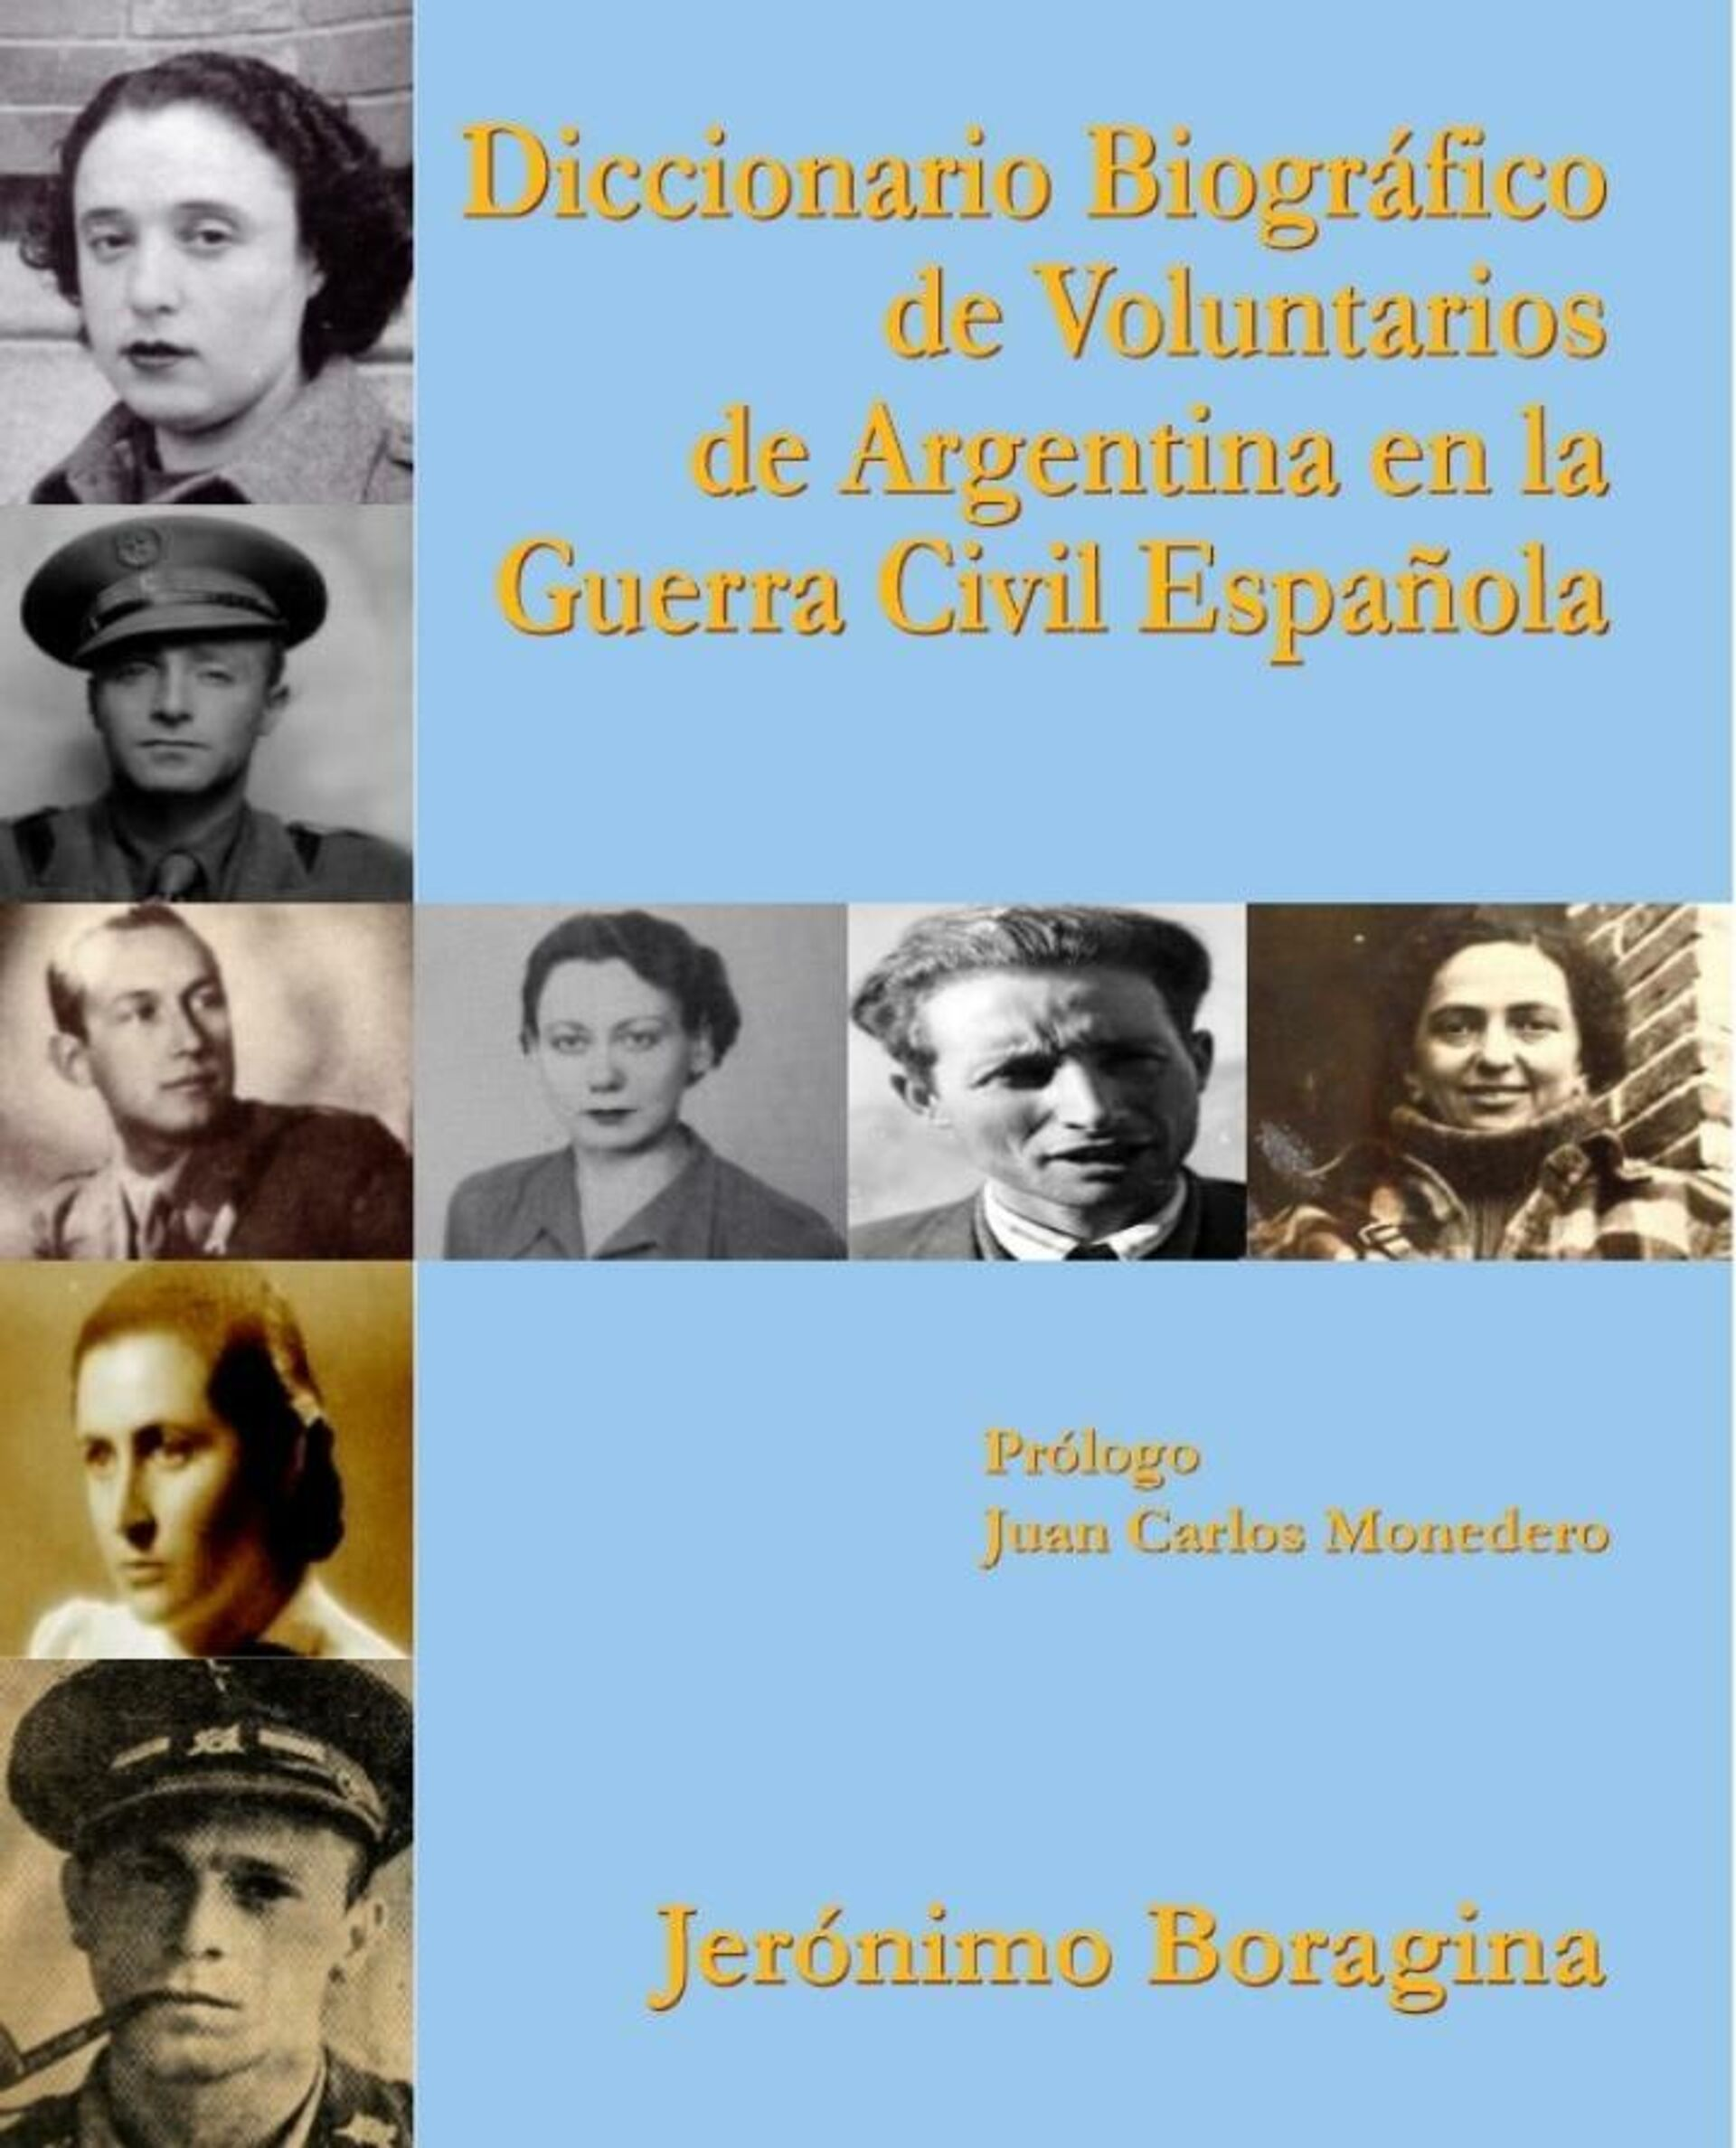 Diccionario Biográfico de Voluntarios de Argentina en la Guerra Civil Española, obra de Jerónimo Boragina  - Sputnik Mundo, 1920, 16.07.2021